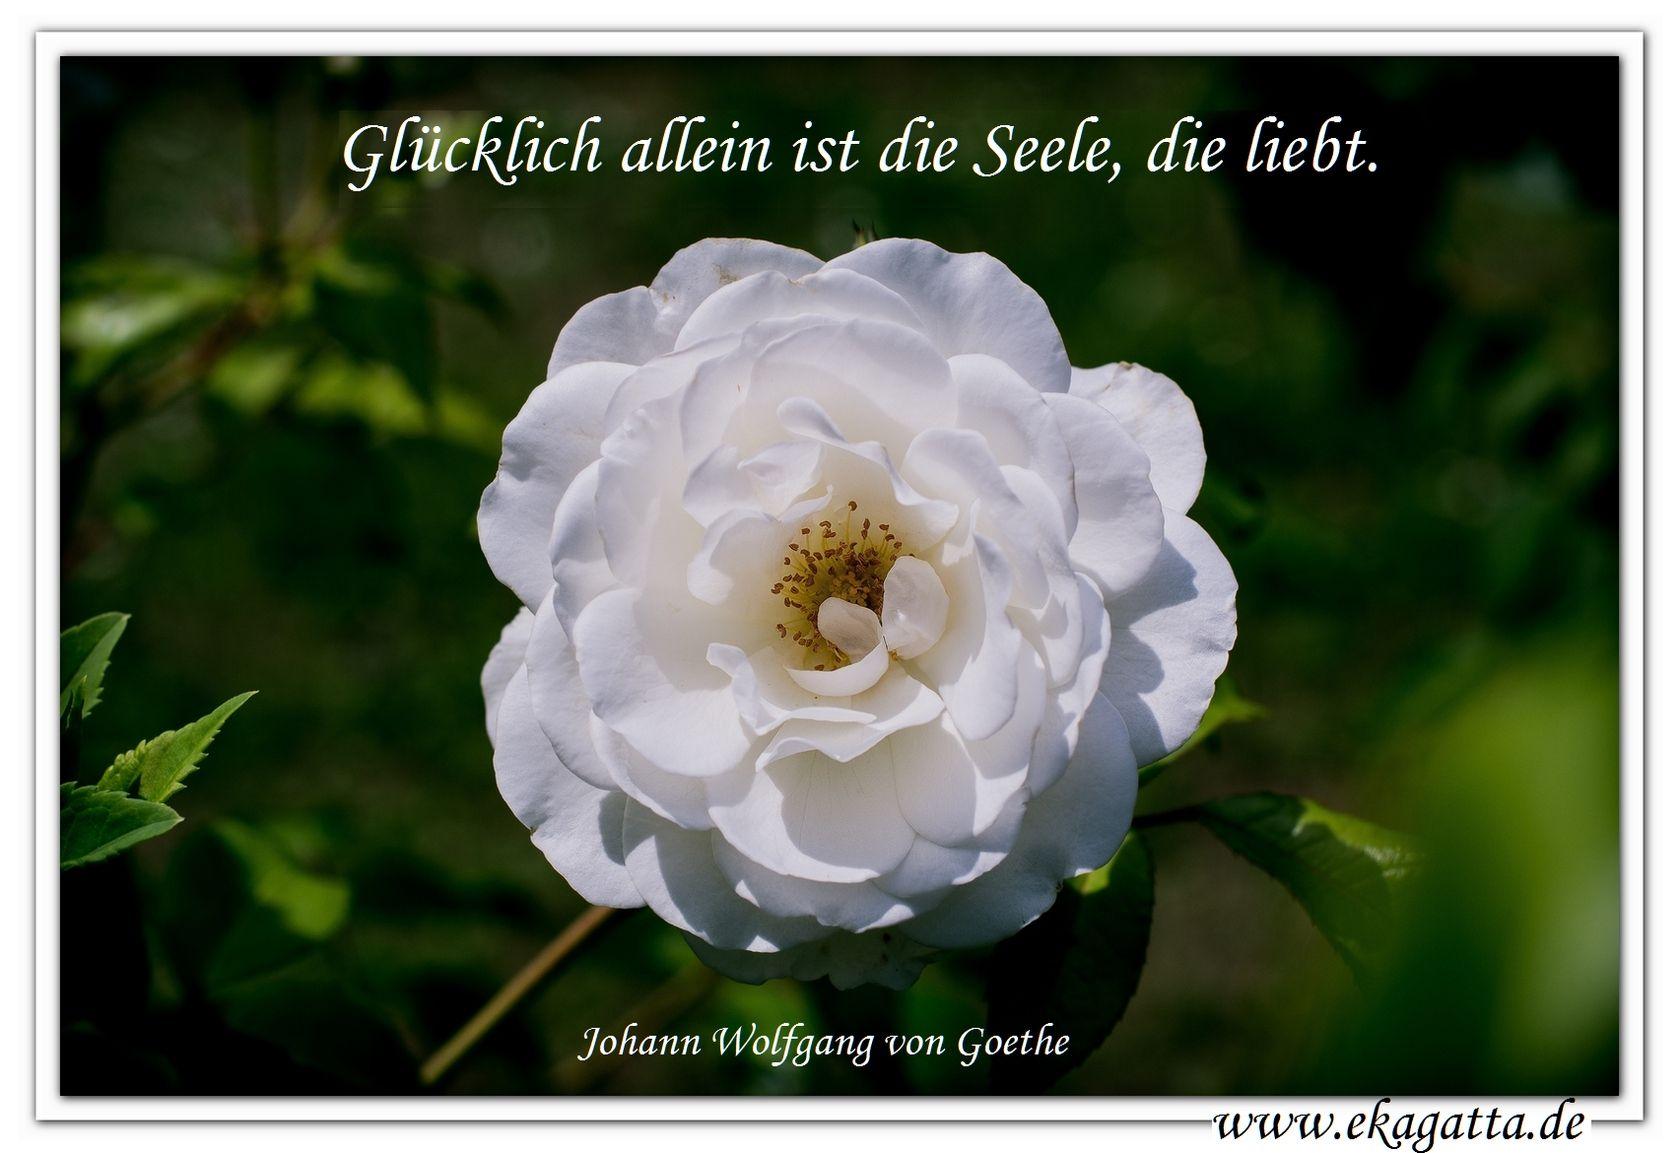 Citaten Goethe : Quot glücklich allein ist die seele liebt goethe